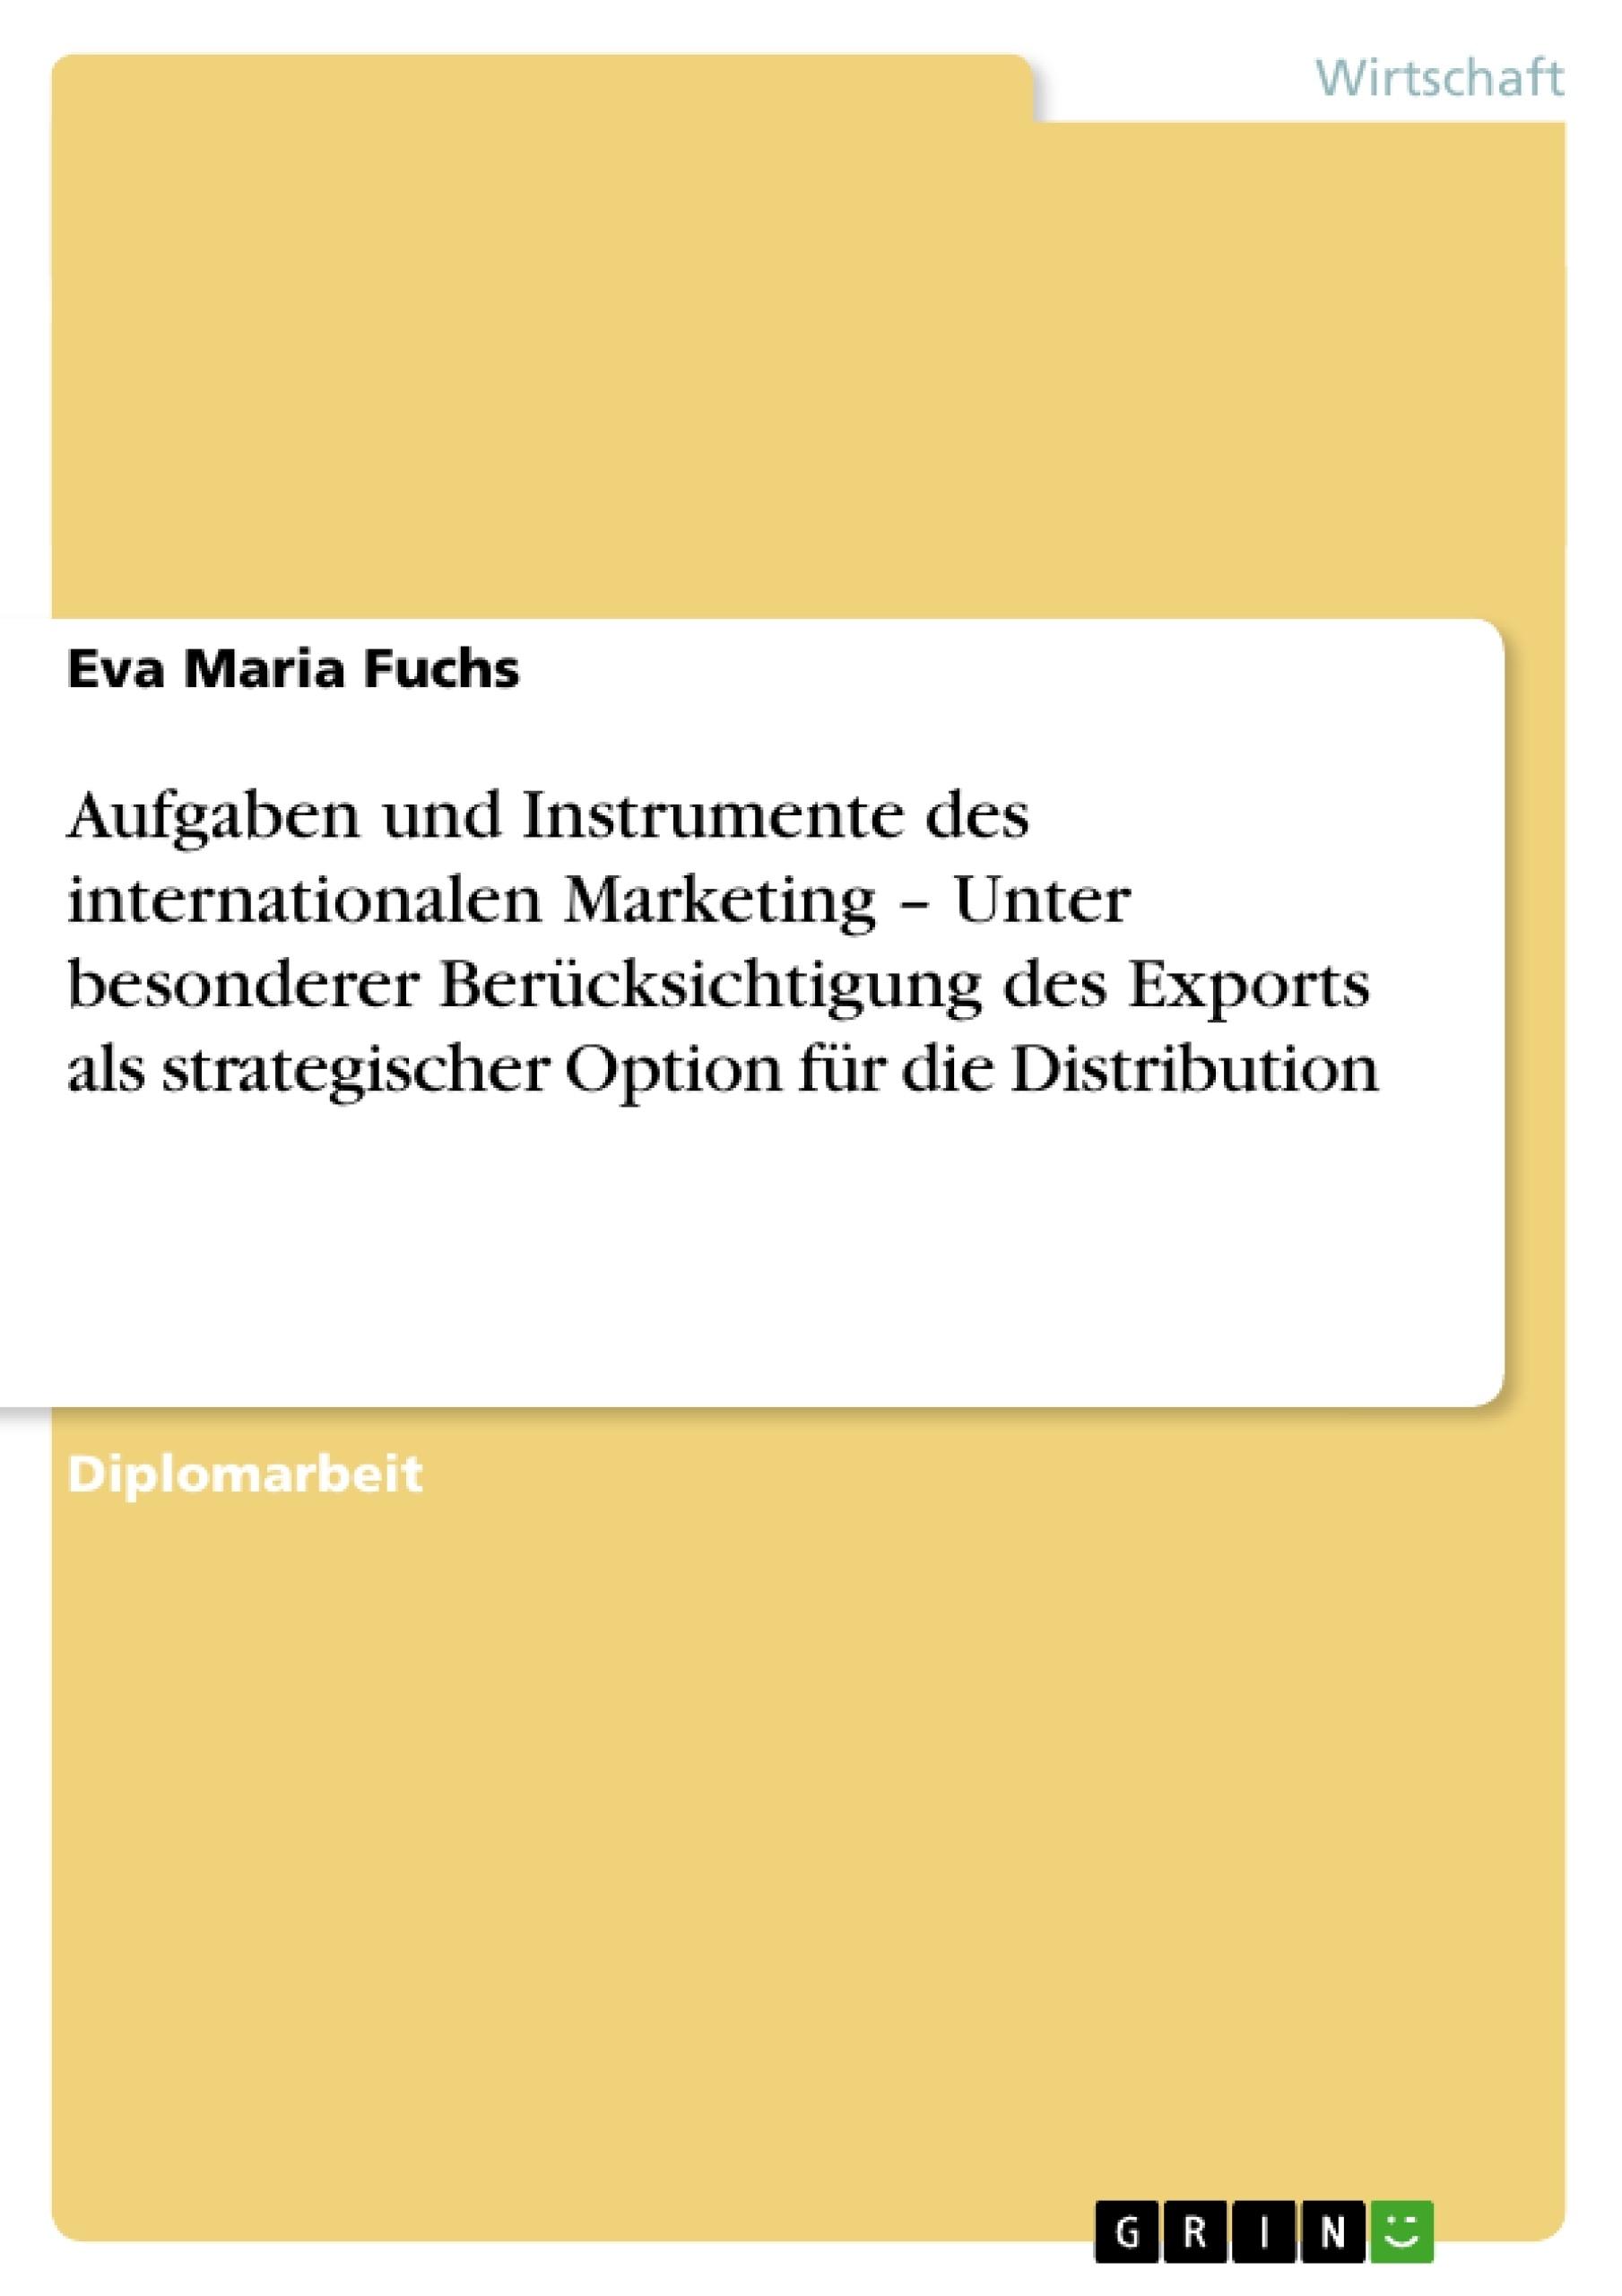 Titel: Aufgaben und Instrumente des internationalen Marketing  –  Unter besonderer Berücksichtigung des Exports als strategischer Option für die Distribution